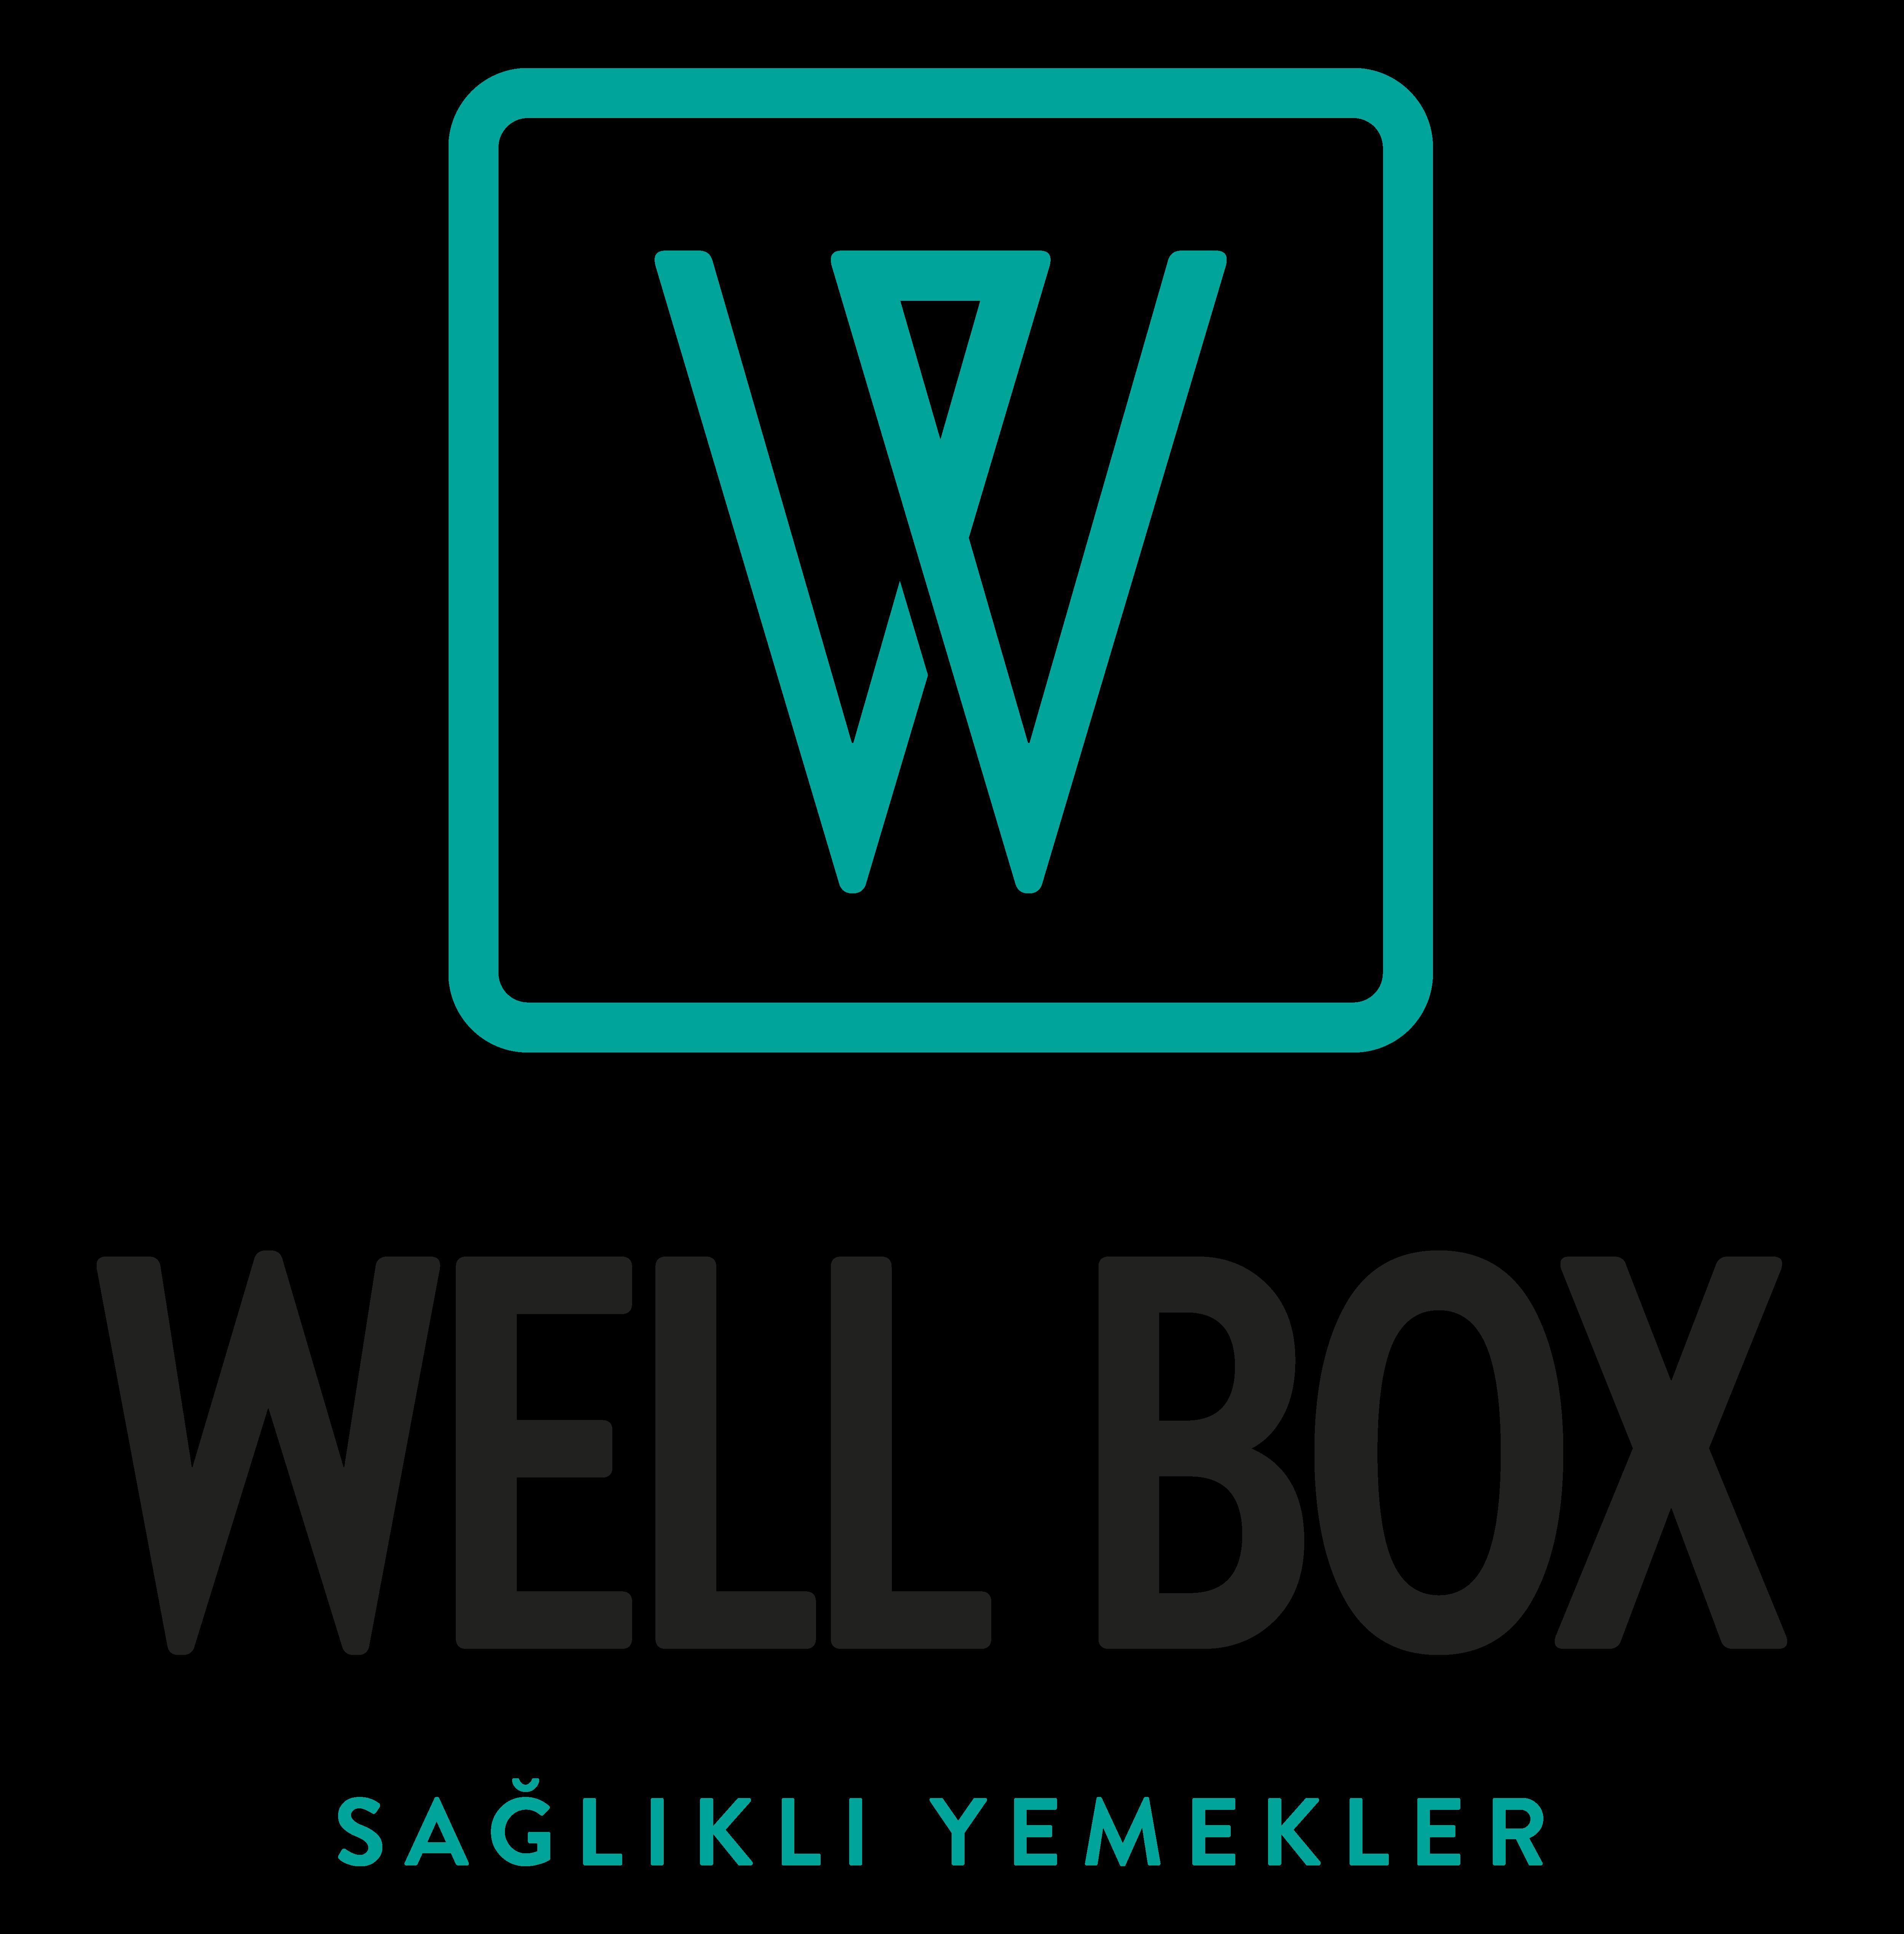 Well Box'ın Yeni Ajansı Akıl Fikir Sanat Oldu!ajansı adı başlık